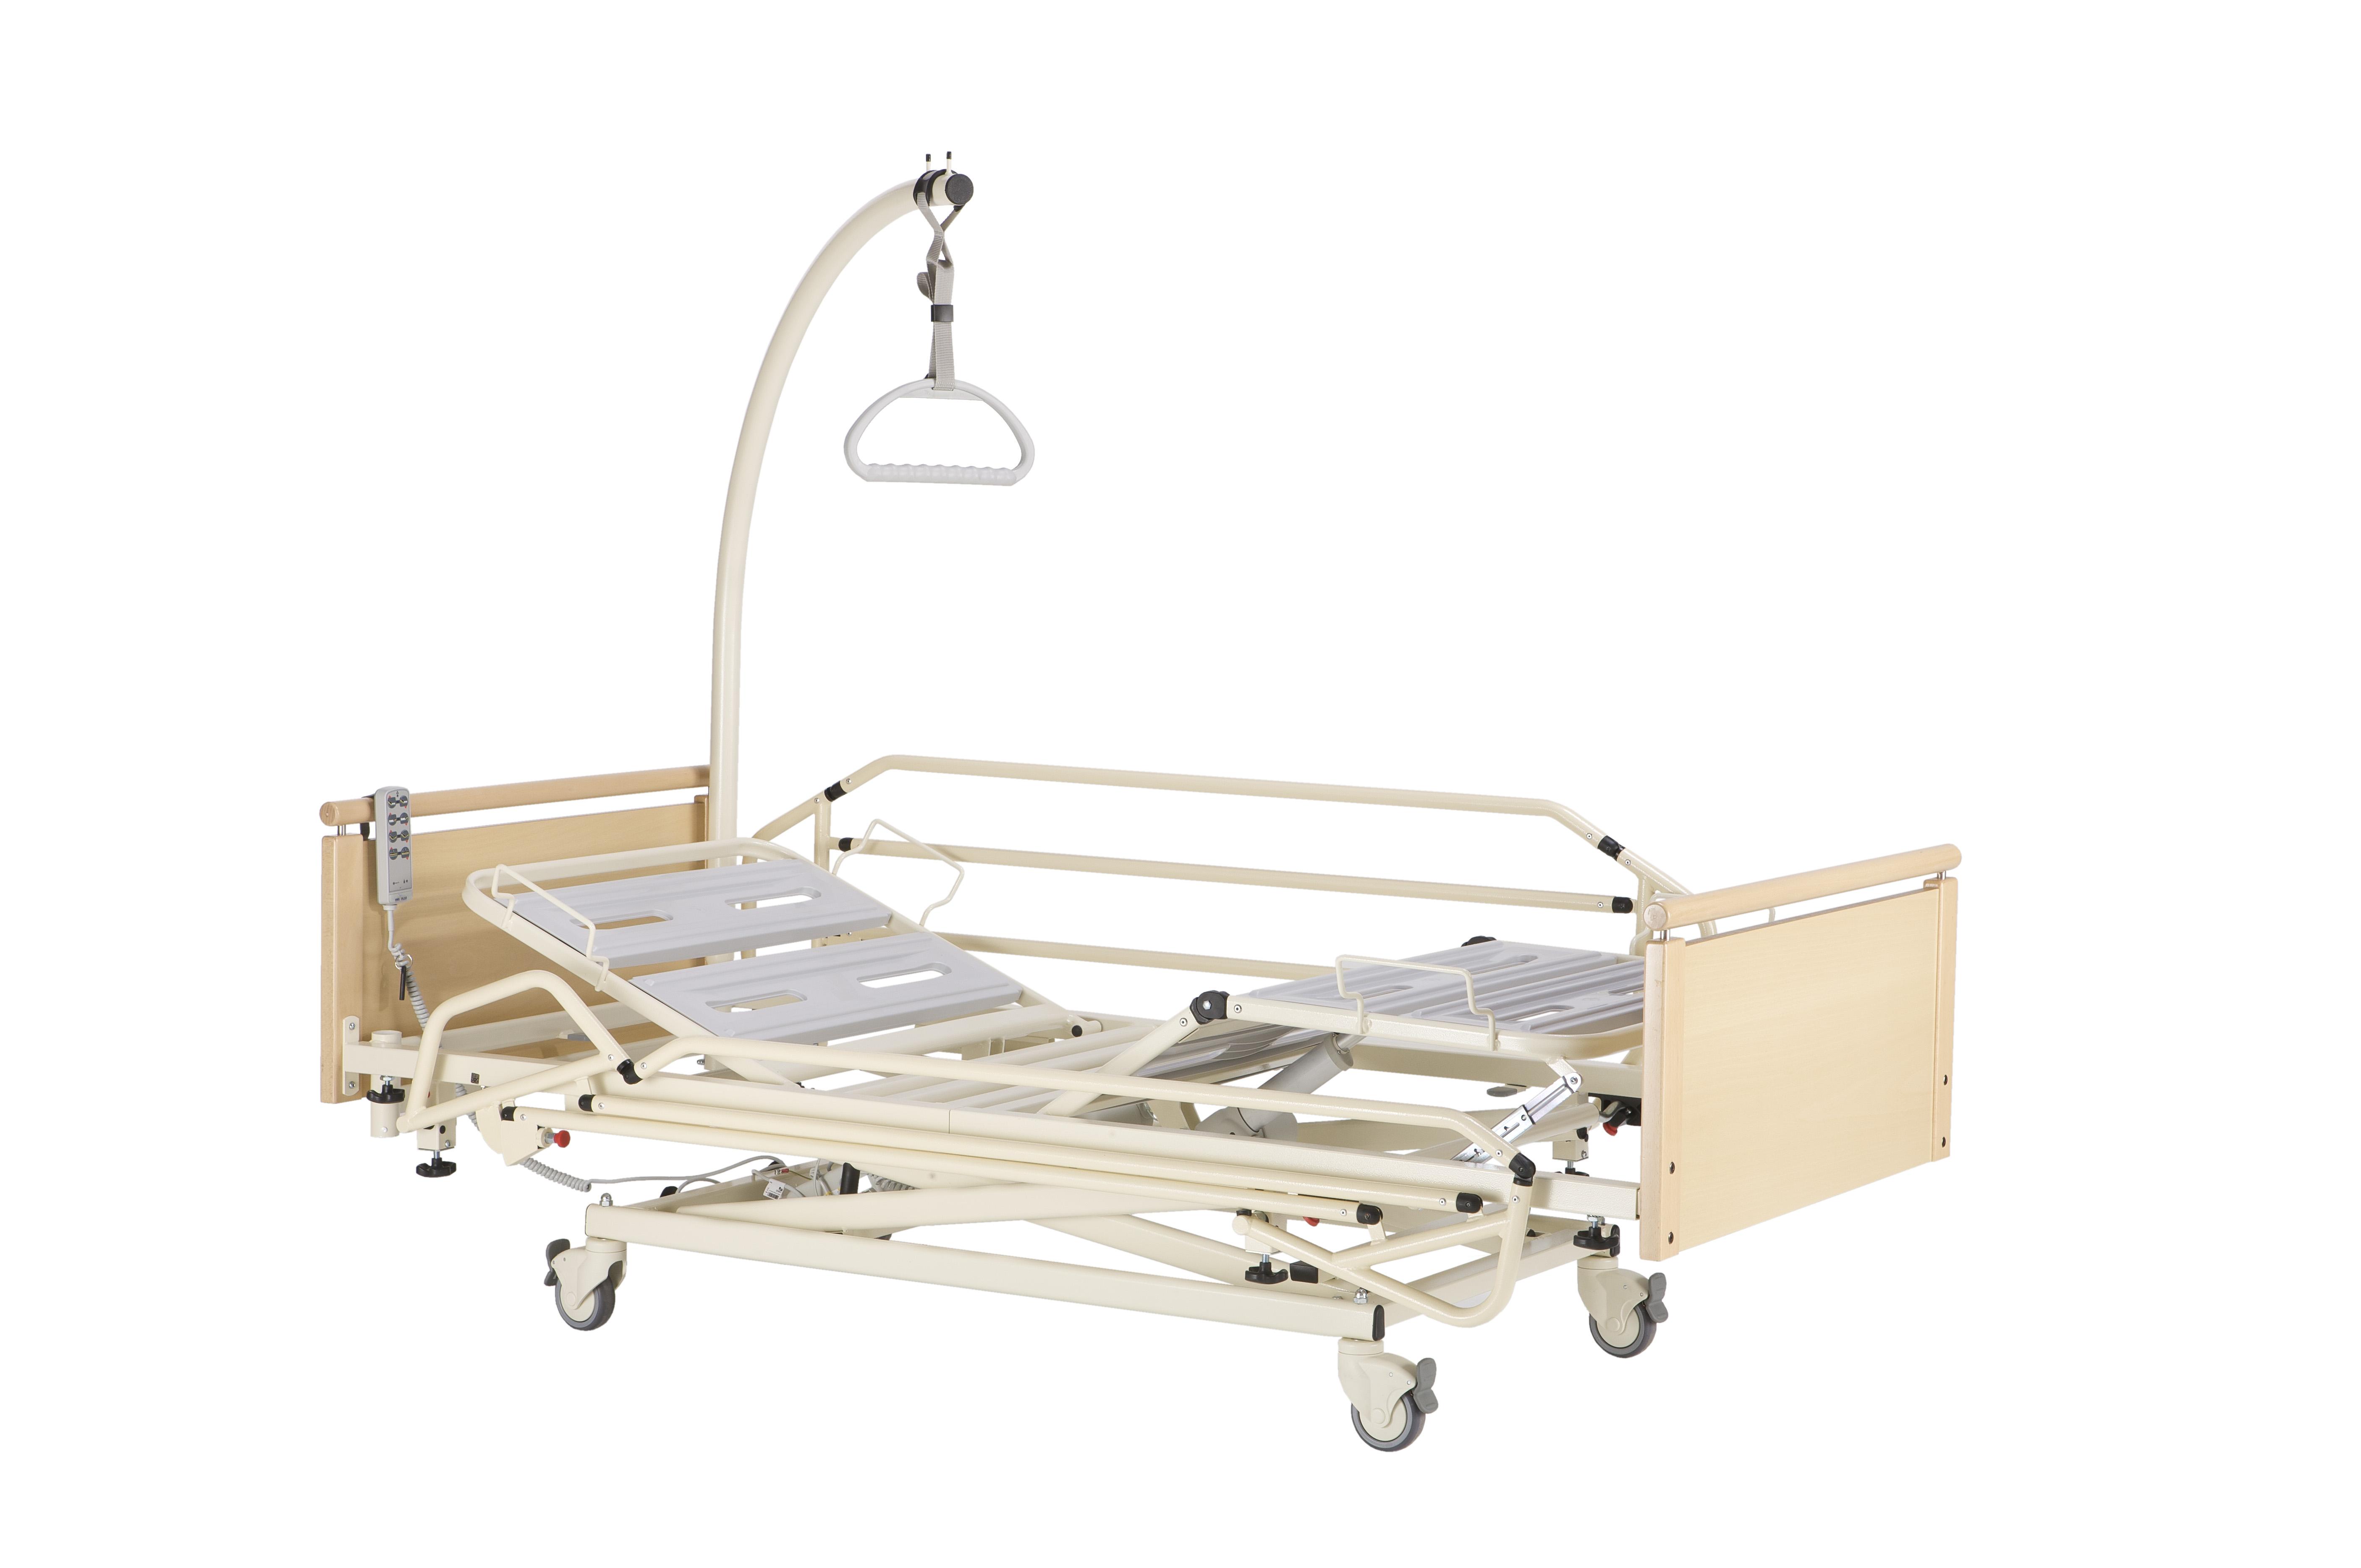 lit mdicalis sur mesure - Lit Medicalise